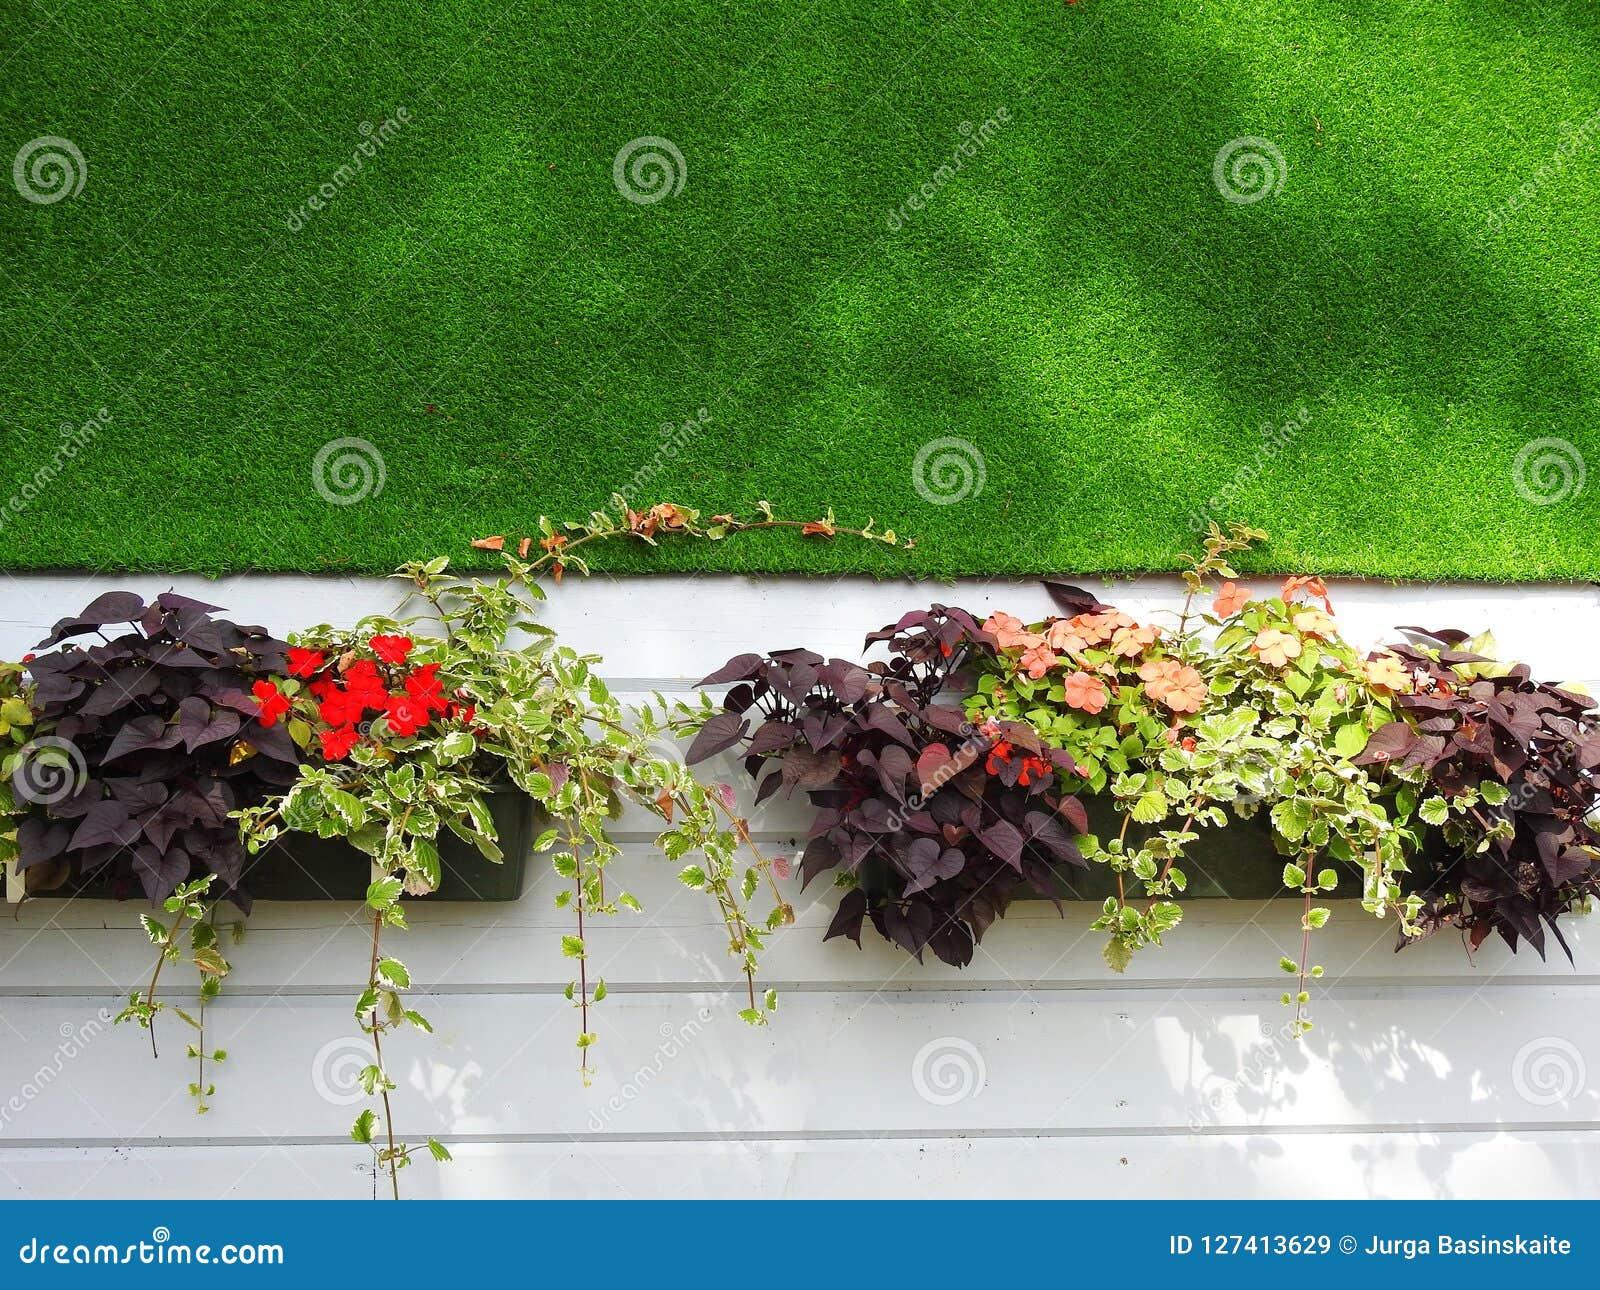 Beautiful flowers near home wall, Lithuania